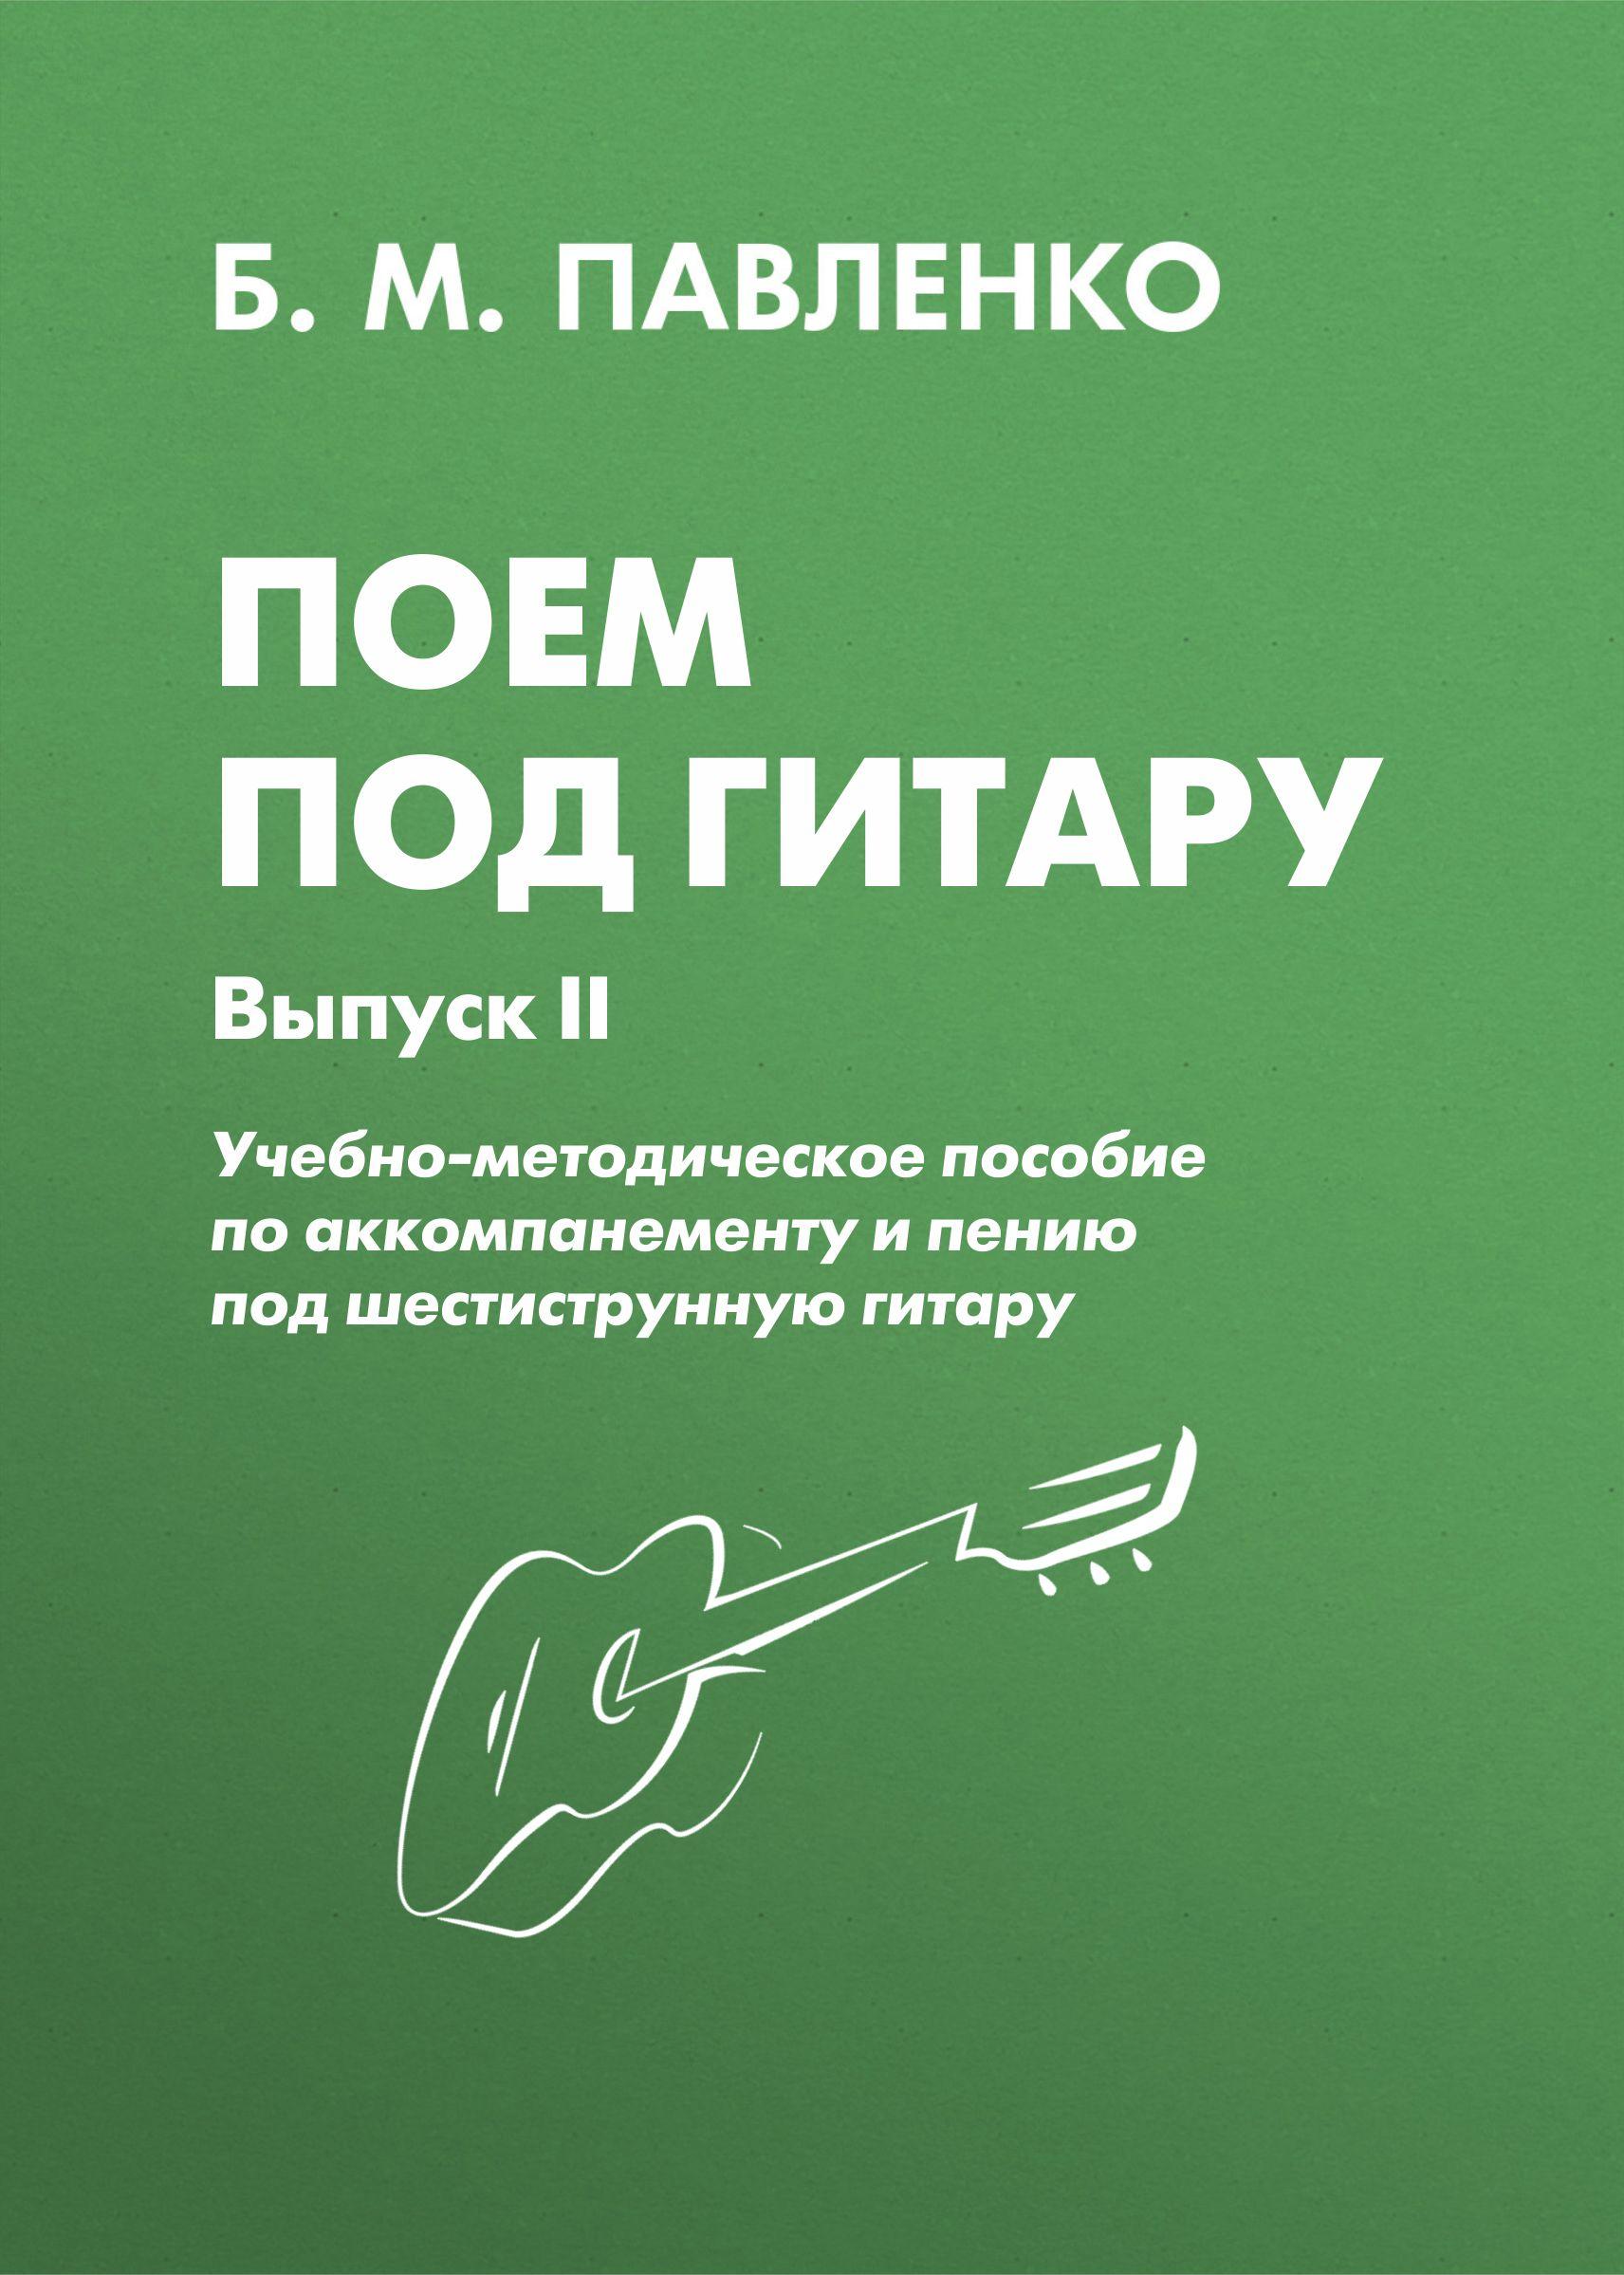 Б. М. Павленко Поем под гитару. Учебно-методическое пособие по аккомпанементу и пению под шестиструнную гитару. Выпуск II б м павленко самоучитель игры на шестиструнной гитаре аккорды аккомпанемент и пение под гитару